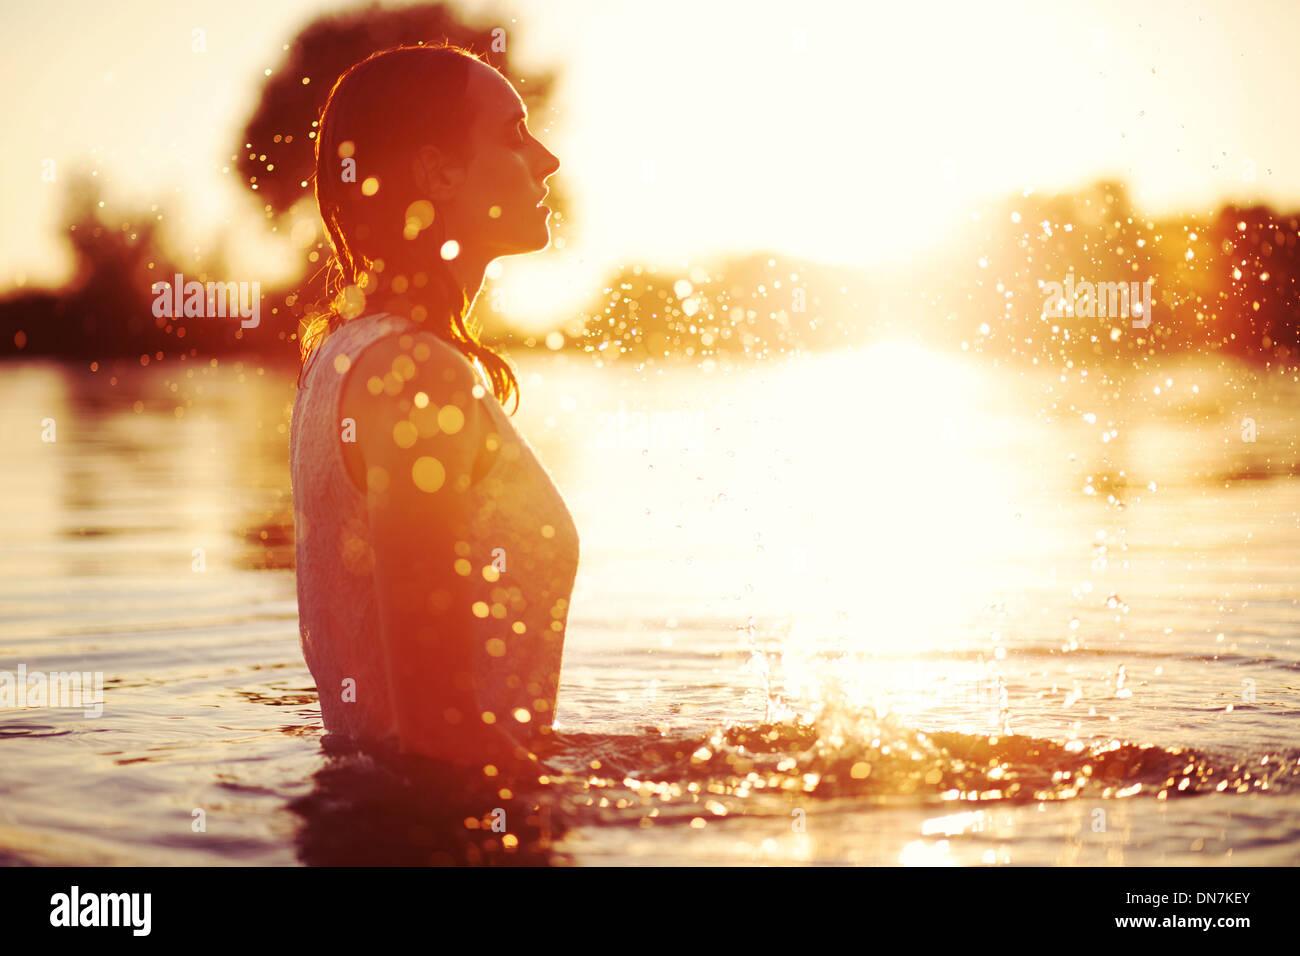 Jeune femme dans un lac au coucher du soleil avec de l'eau éclaboussant Photo Stock